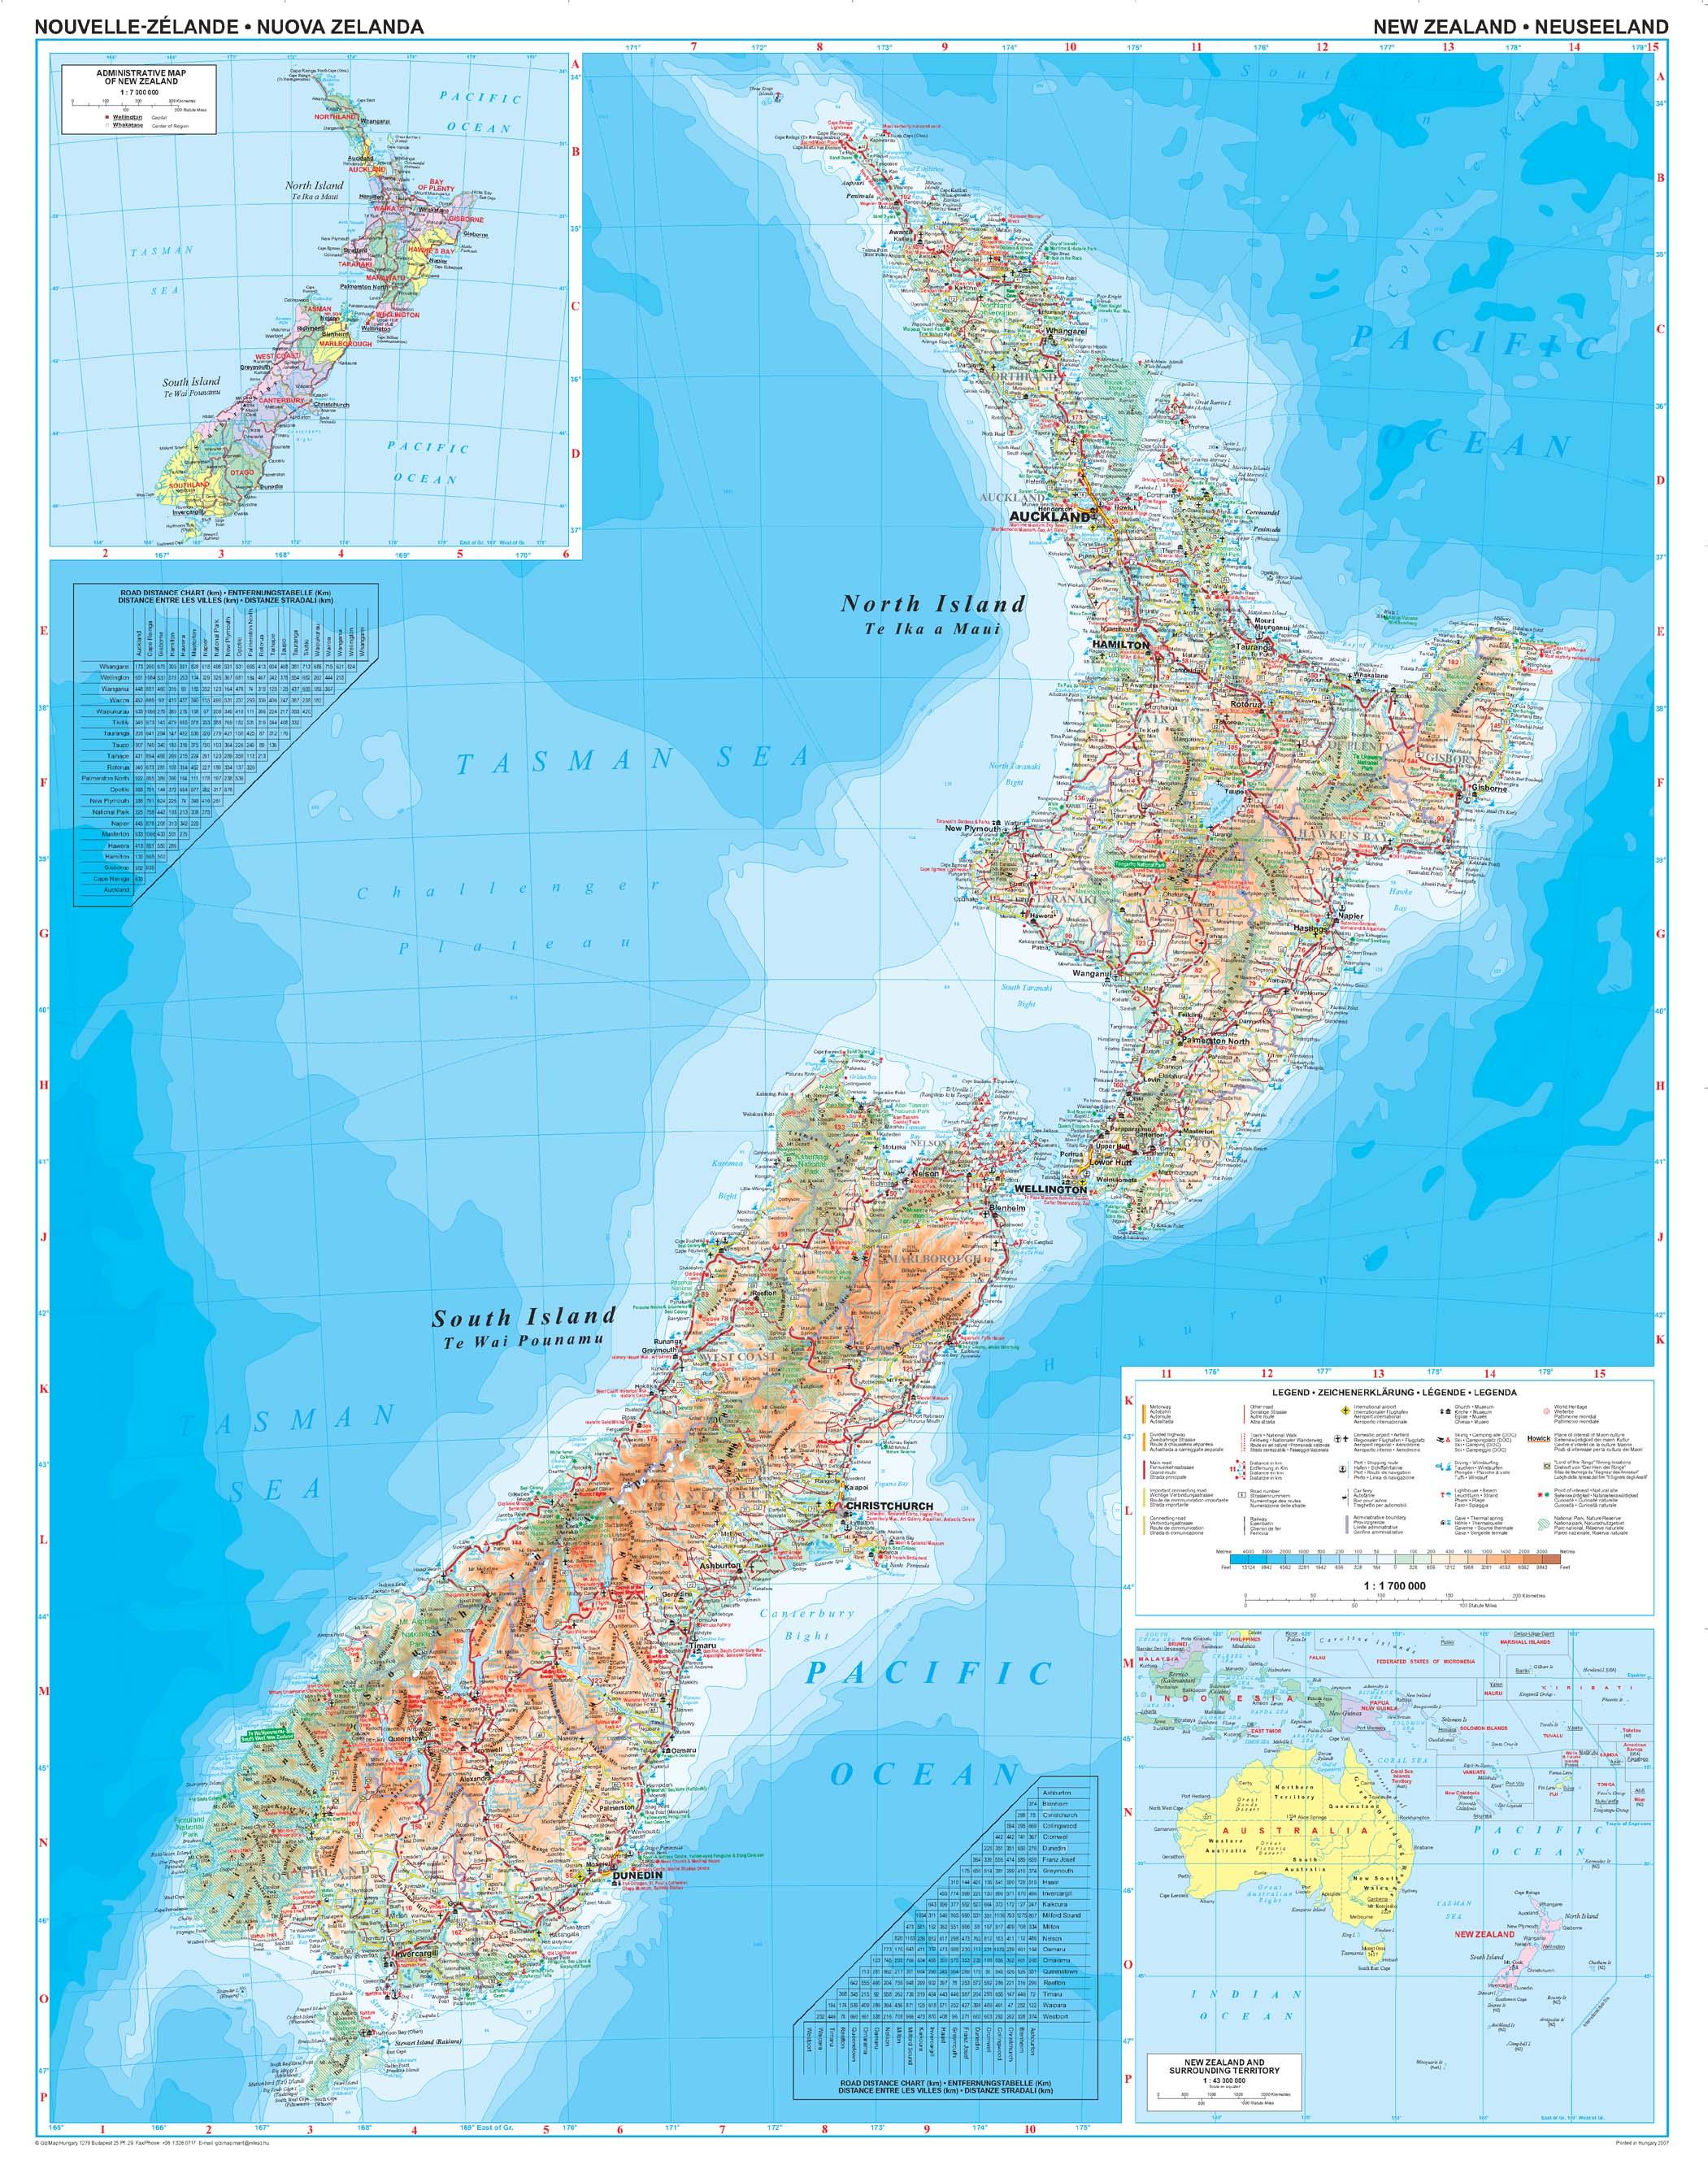 Új-Zéland: áttekintõ térkép